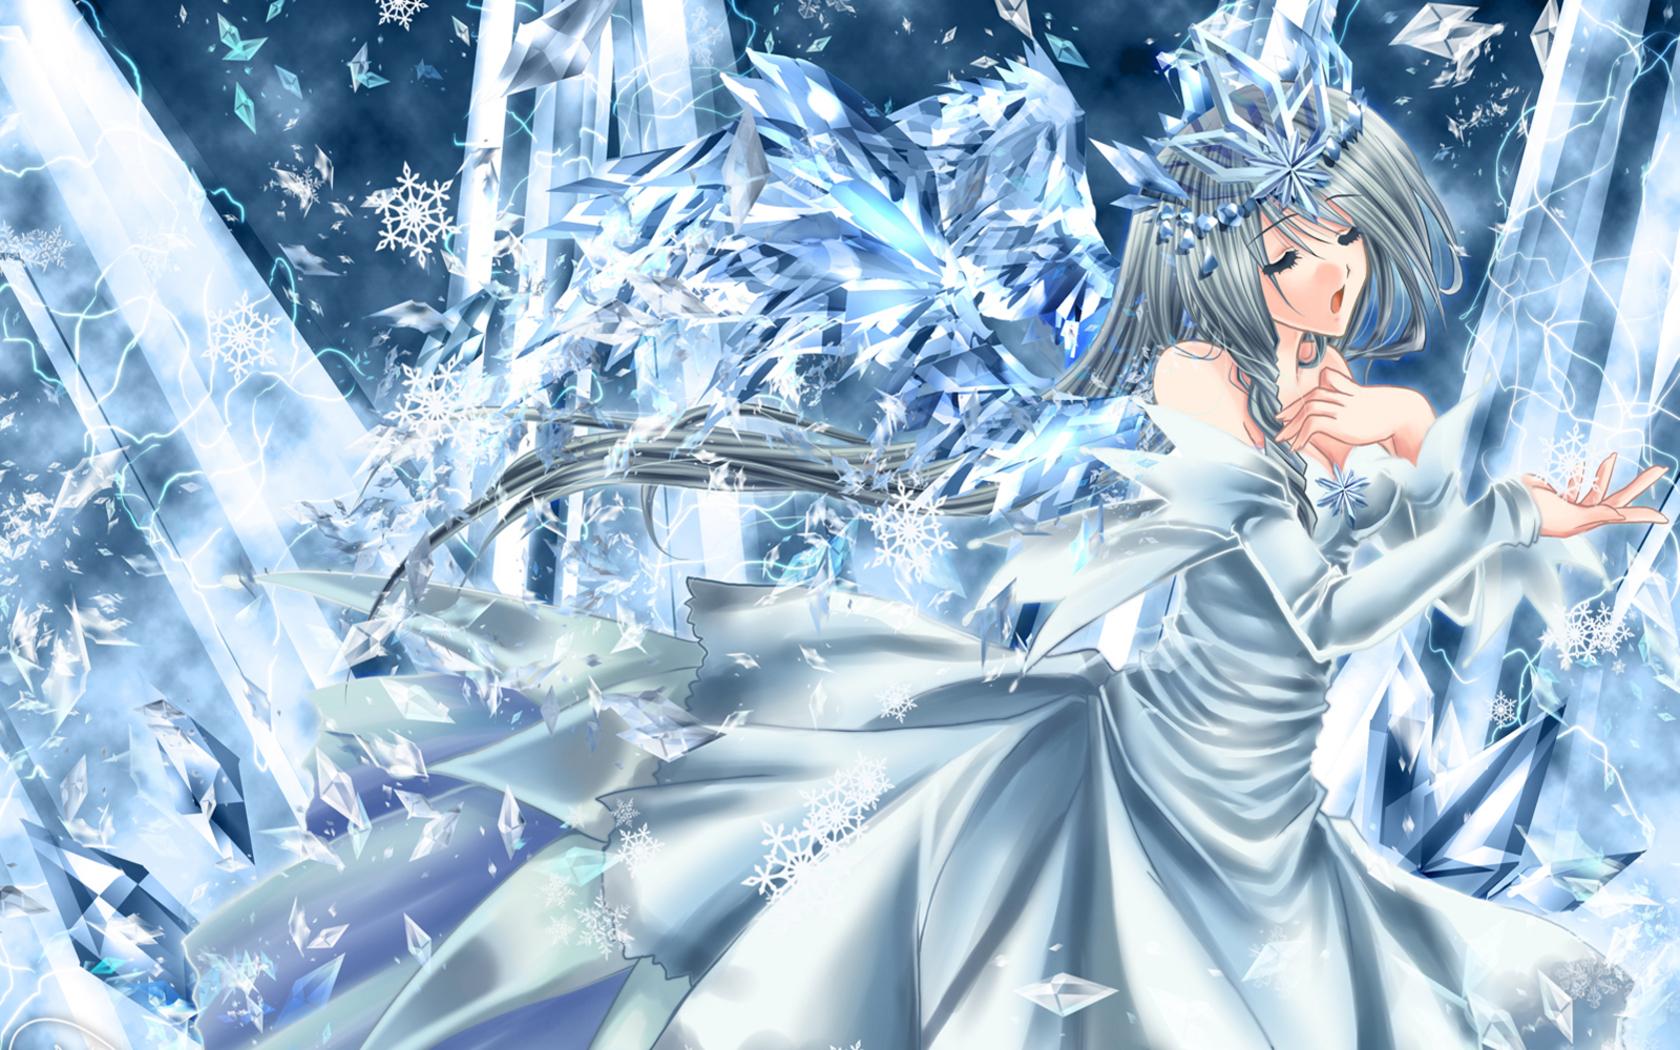 много картинки ангел и лед это просто